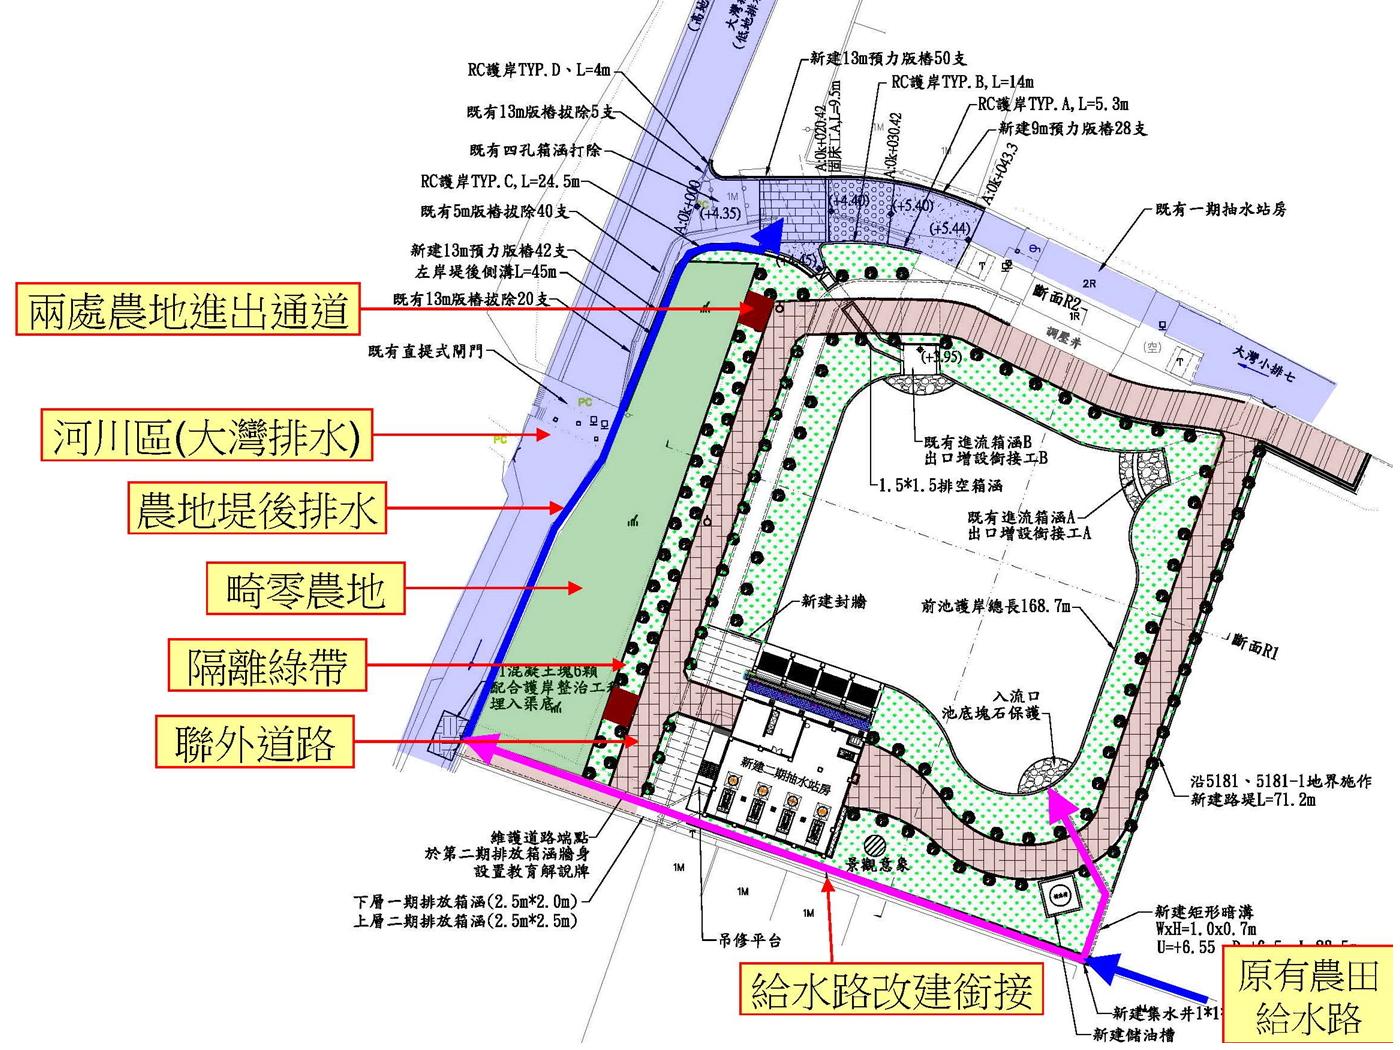 抽水站細部設計示意圖(資料來源:本府水利局提供).jpg